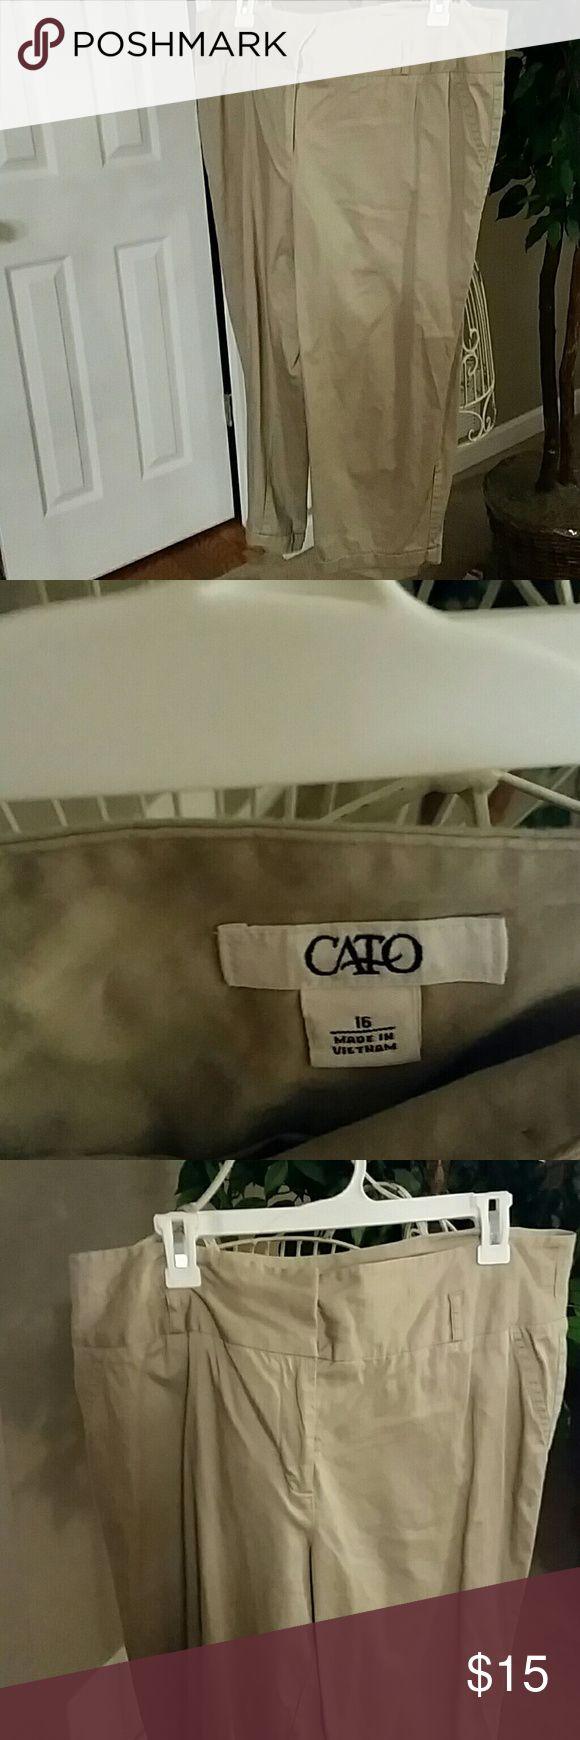 Cato capri kaki pants euc Worn twice Cato Pants Capris